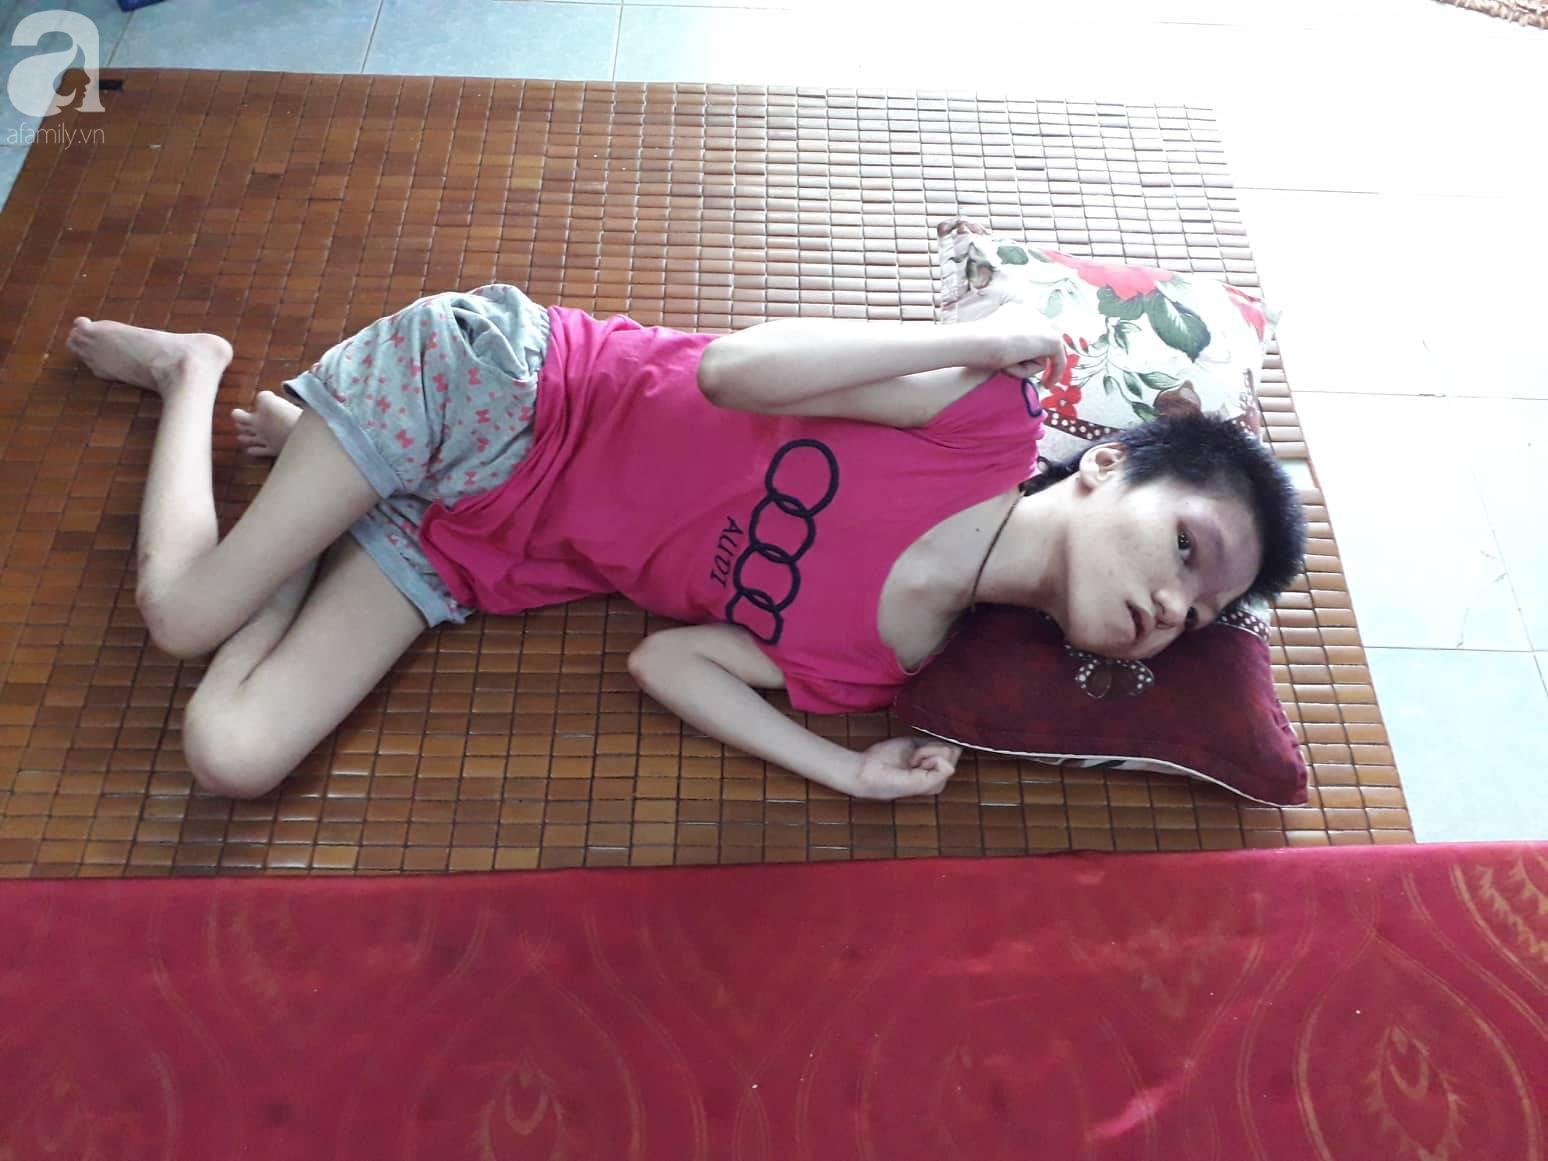 Đà Nẵng: Người mẹ nghèo nuôi 3 con thơ nheo nhóc, bất lực nhìn con gái 15 tuổi co giật vì bệnh u máu quái ác - Ảnh 3.